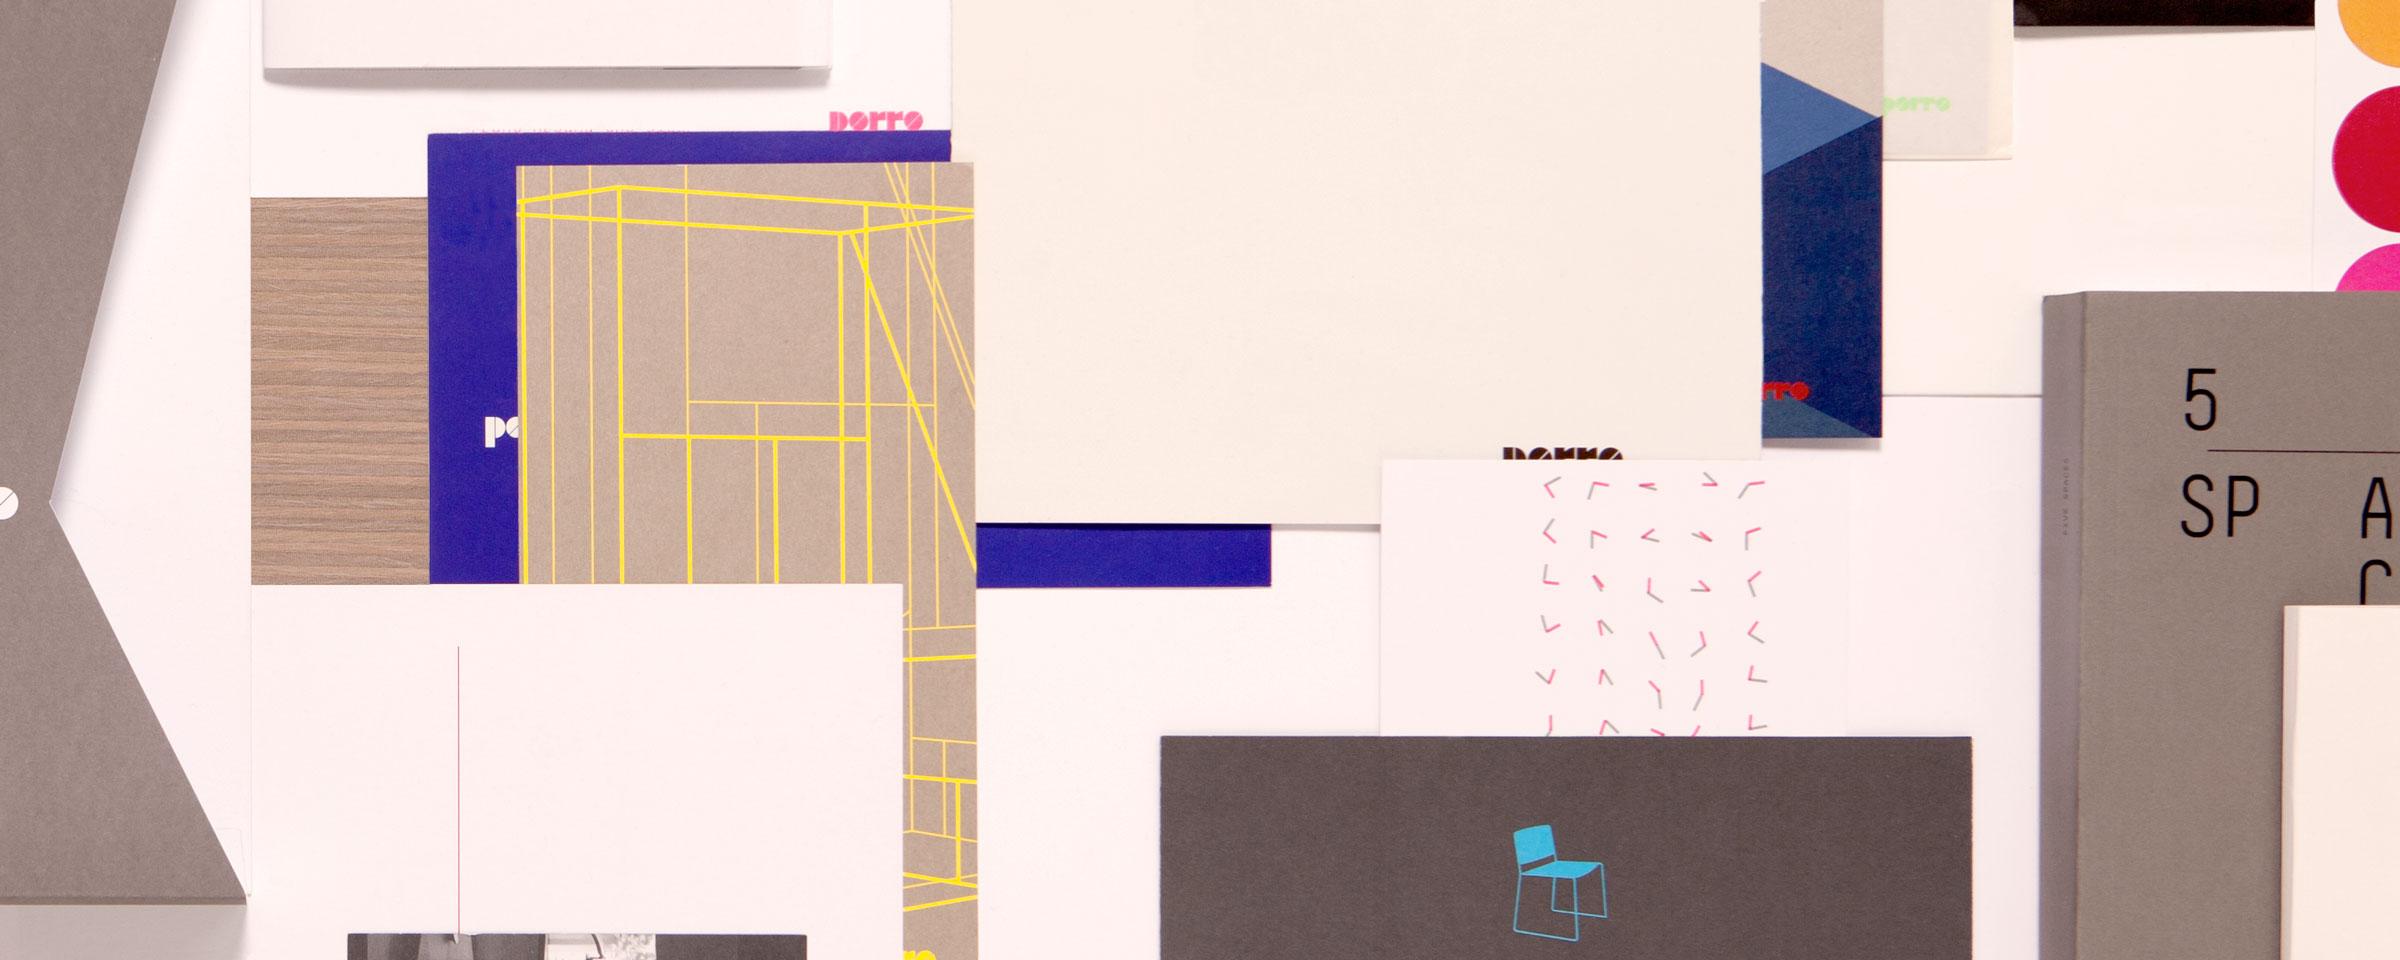 composizione collage still life